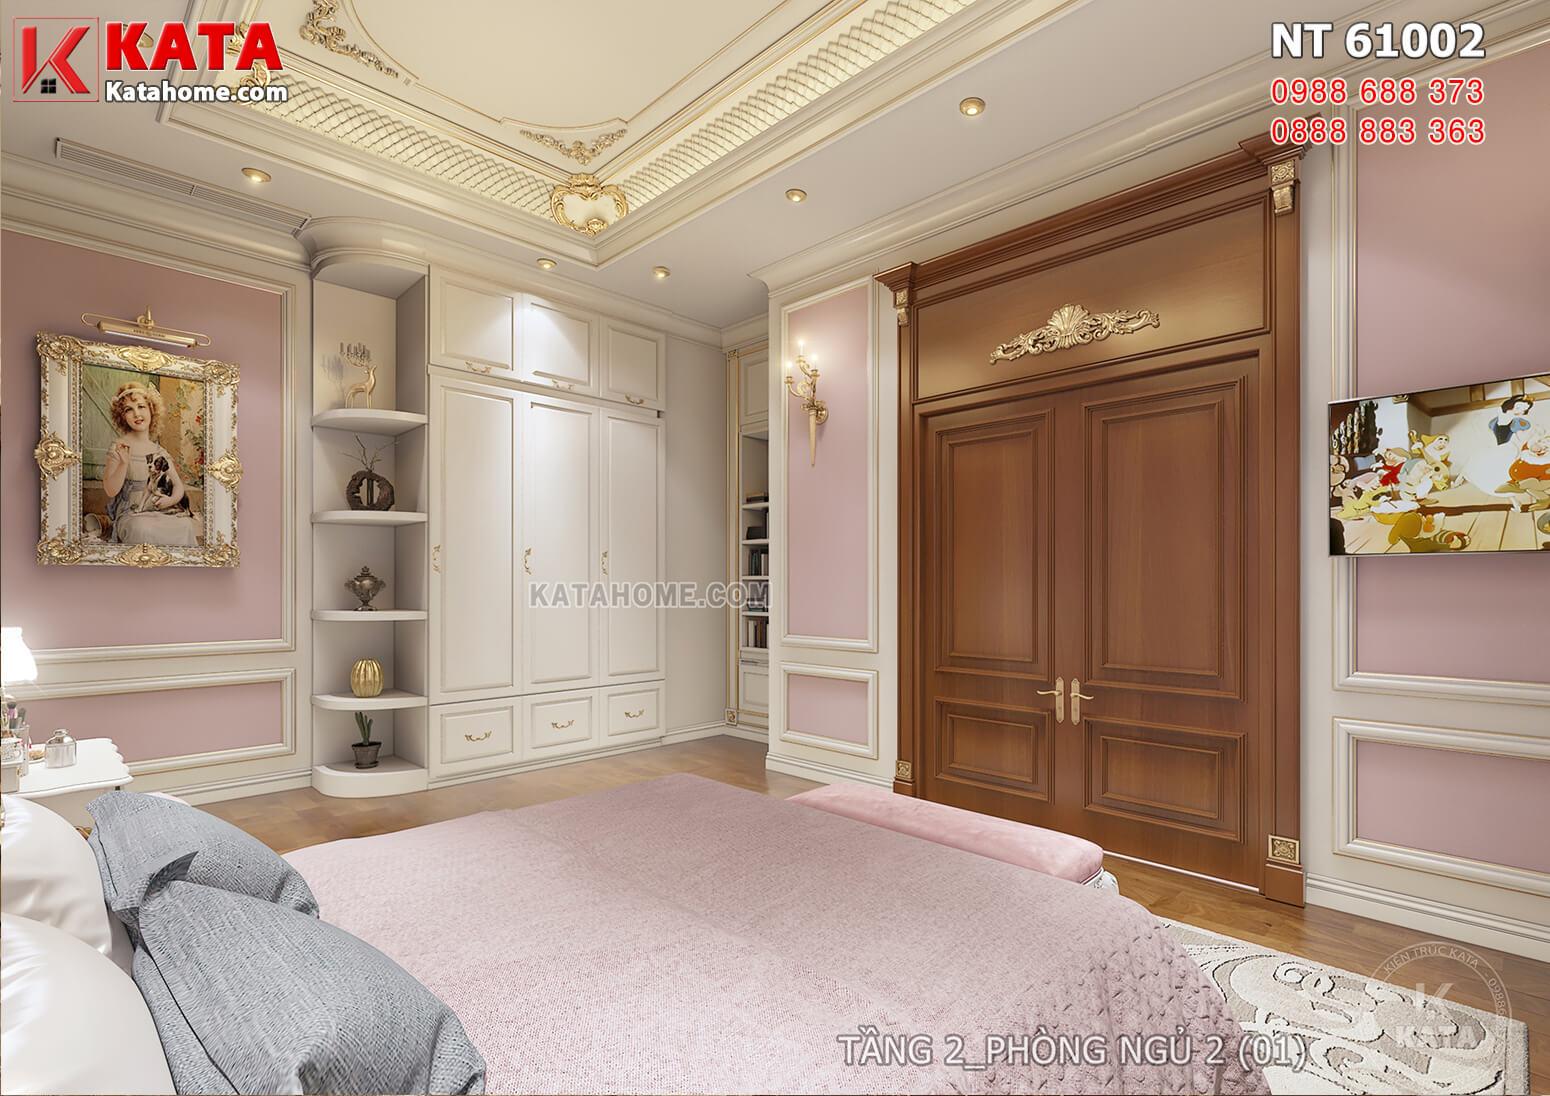 Hình ảnh: Phòng ngủ 3 được thiết kế với tone màu hồng làm điểm nhấn